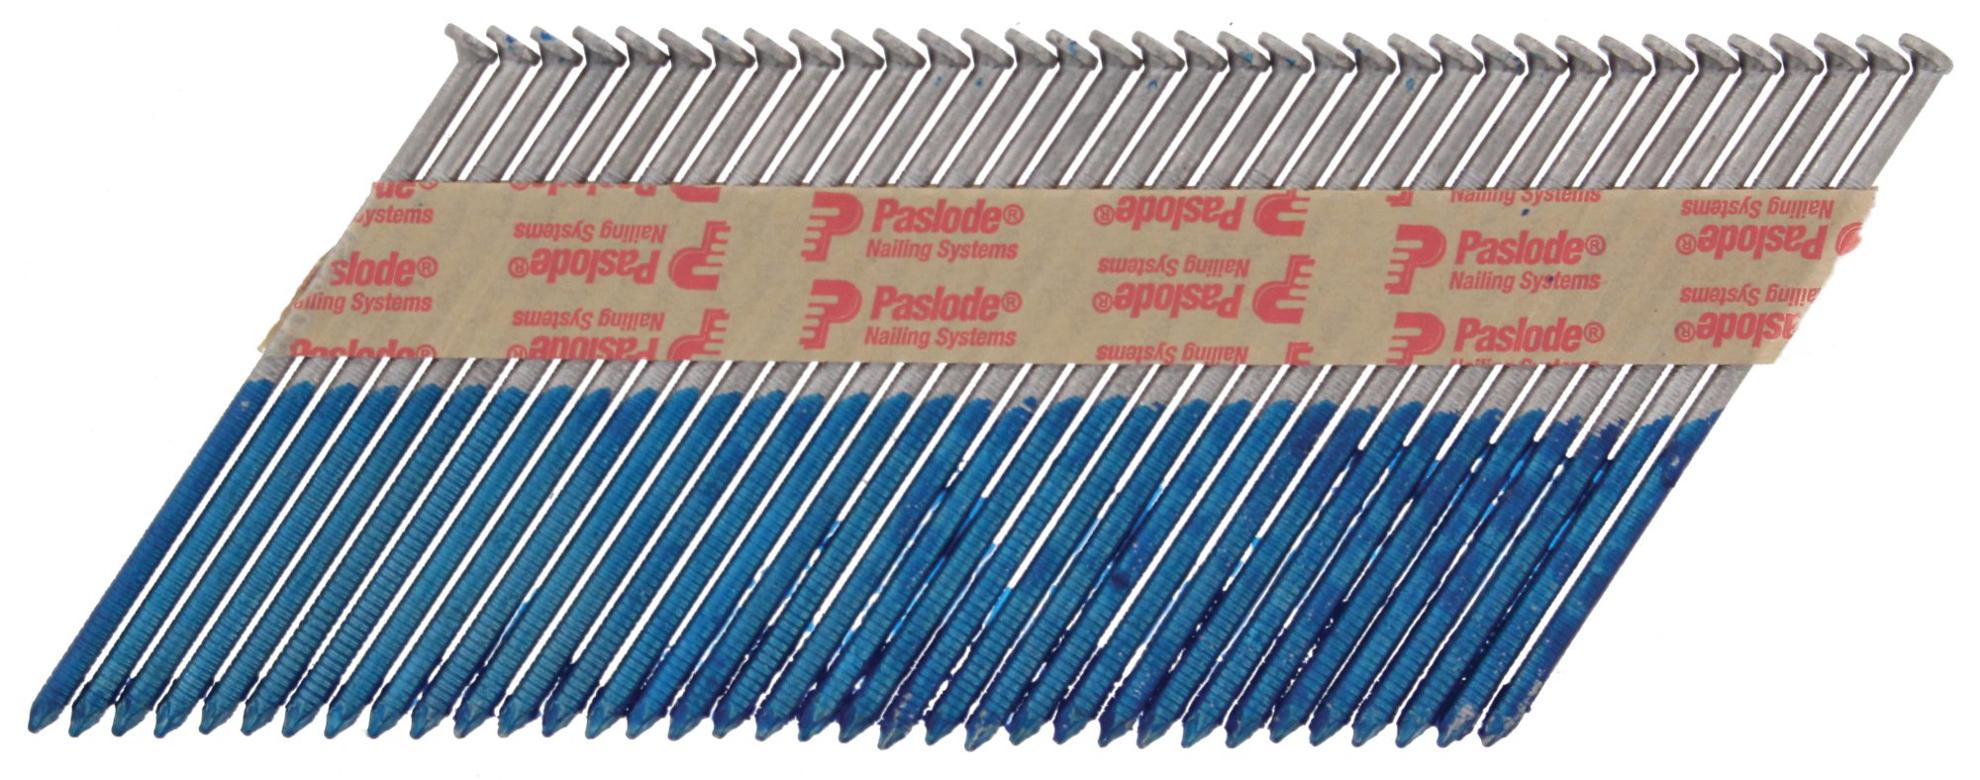 PASLODE SPIKER 2,8X75 VF 2XGASS A2500